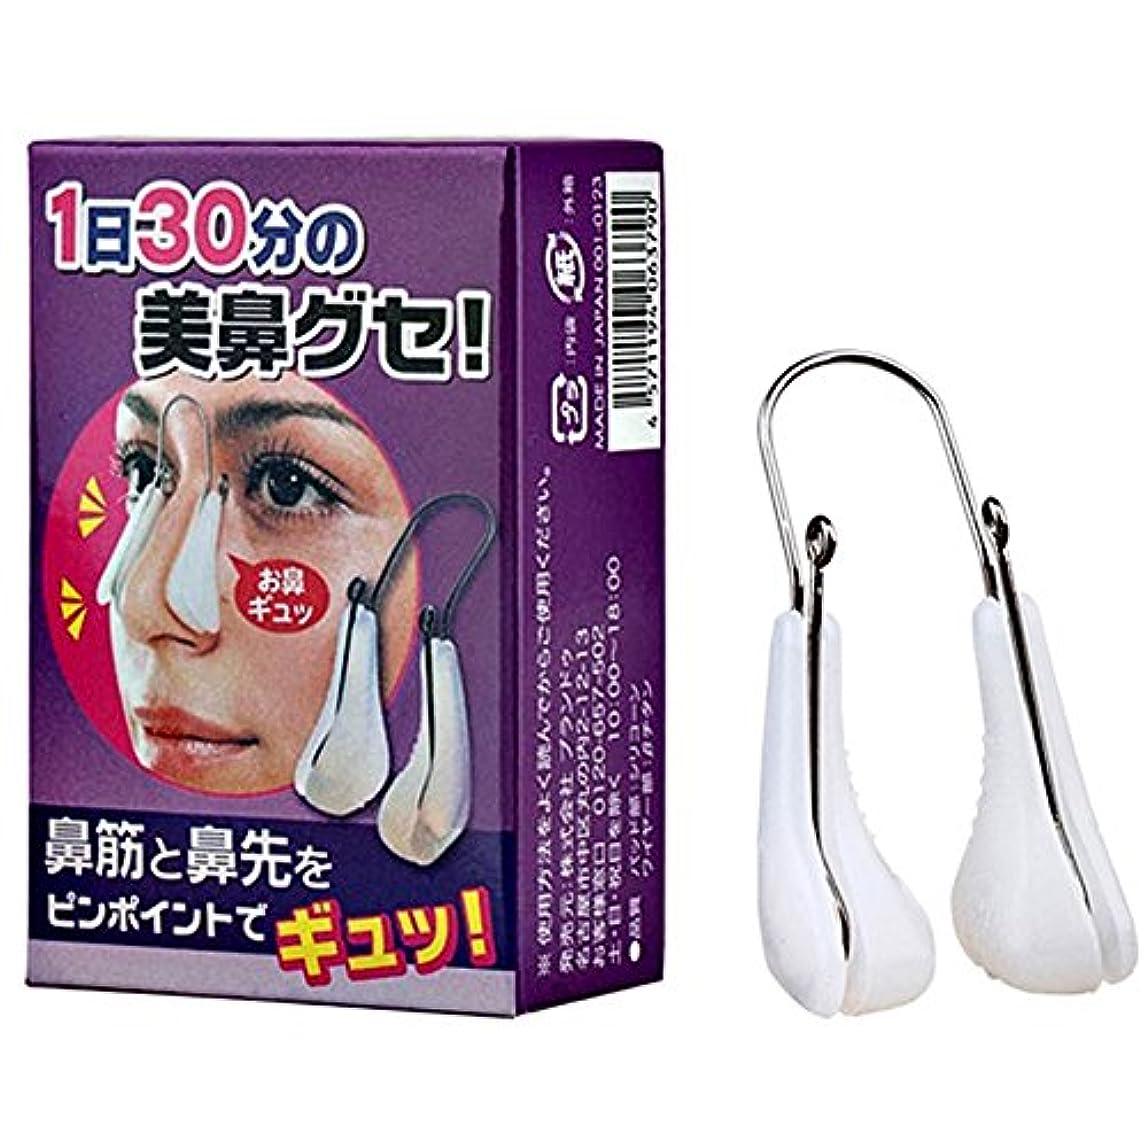 姿を消す一握り再生鼻筋ビューティー 鼻クリップ 鼻矯正 鼻美容 1日30分 美鼻ケア